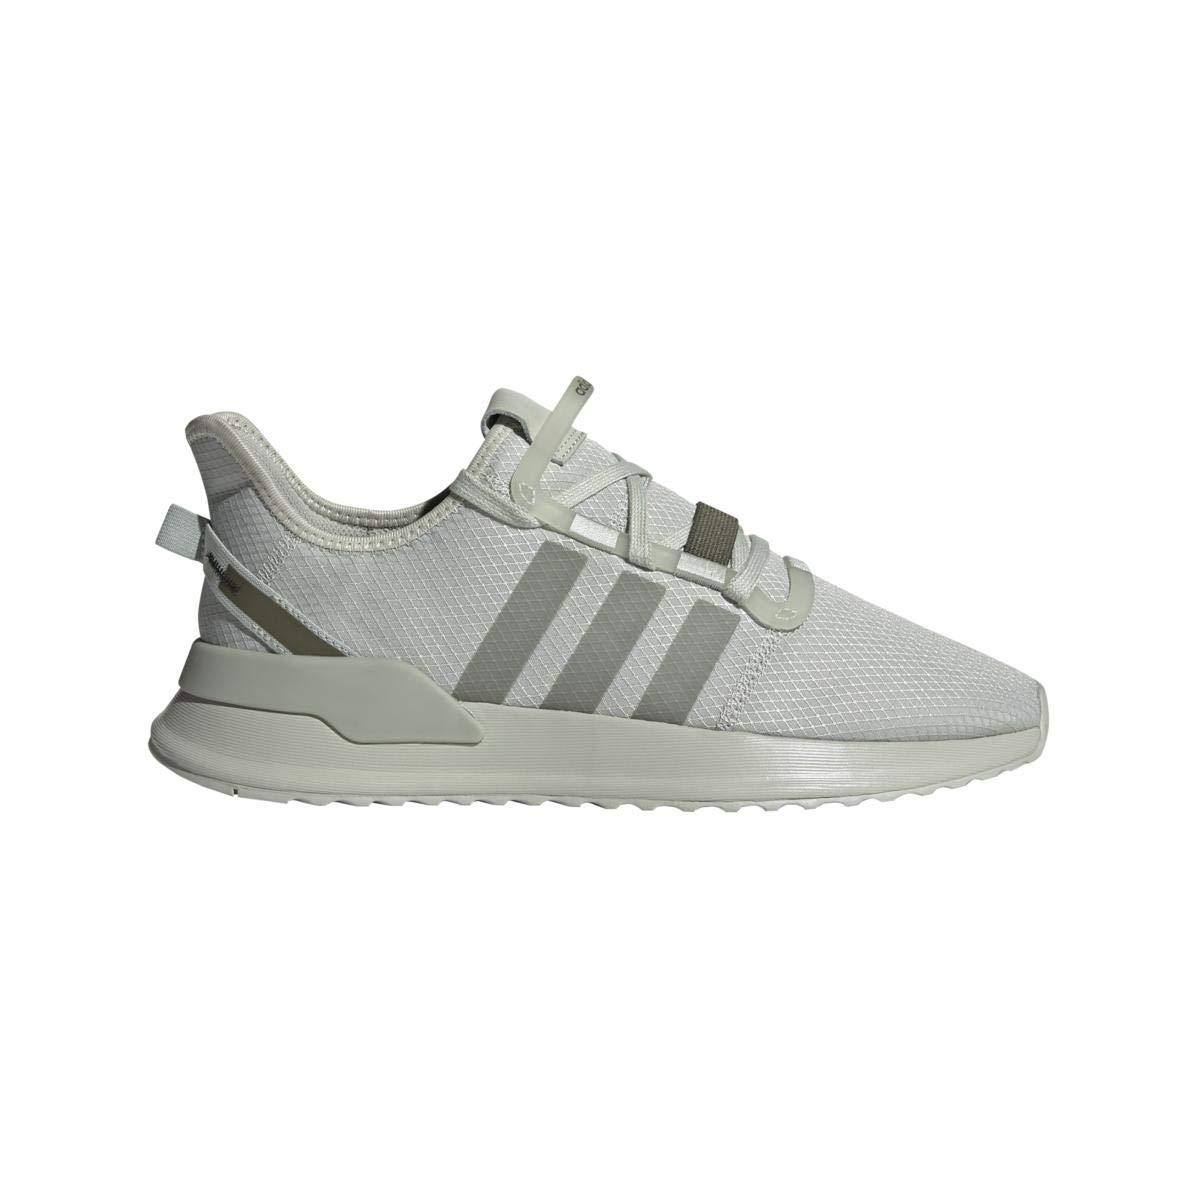 Argenté (Ash argent Ash argent Raw Khaki Ash argent Ash argent Raw Khaki) adidas U_Path Run, Chaussures de Gymnastique Homme 44 EU